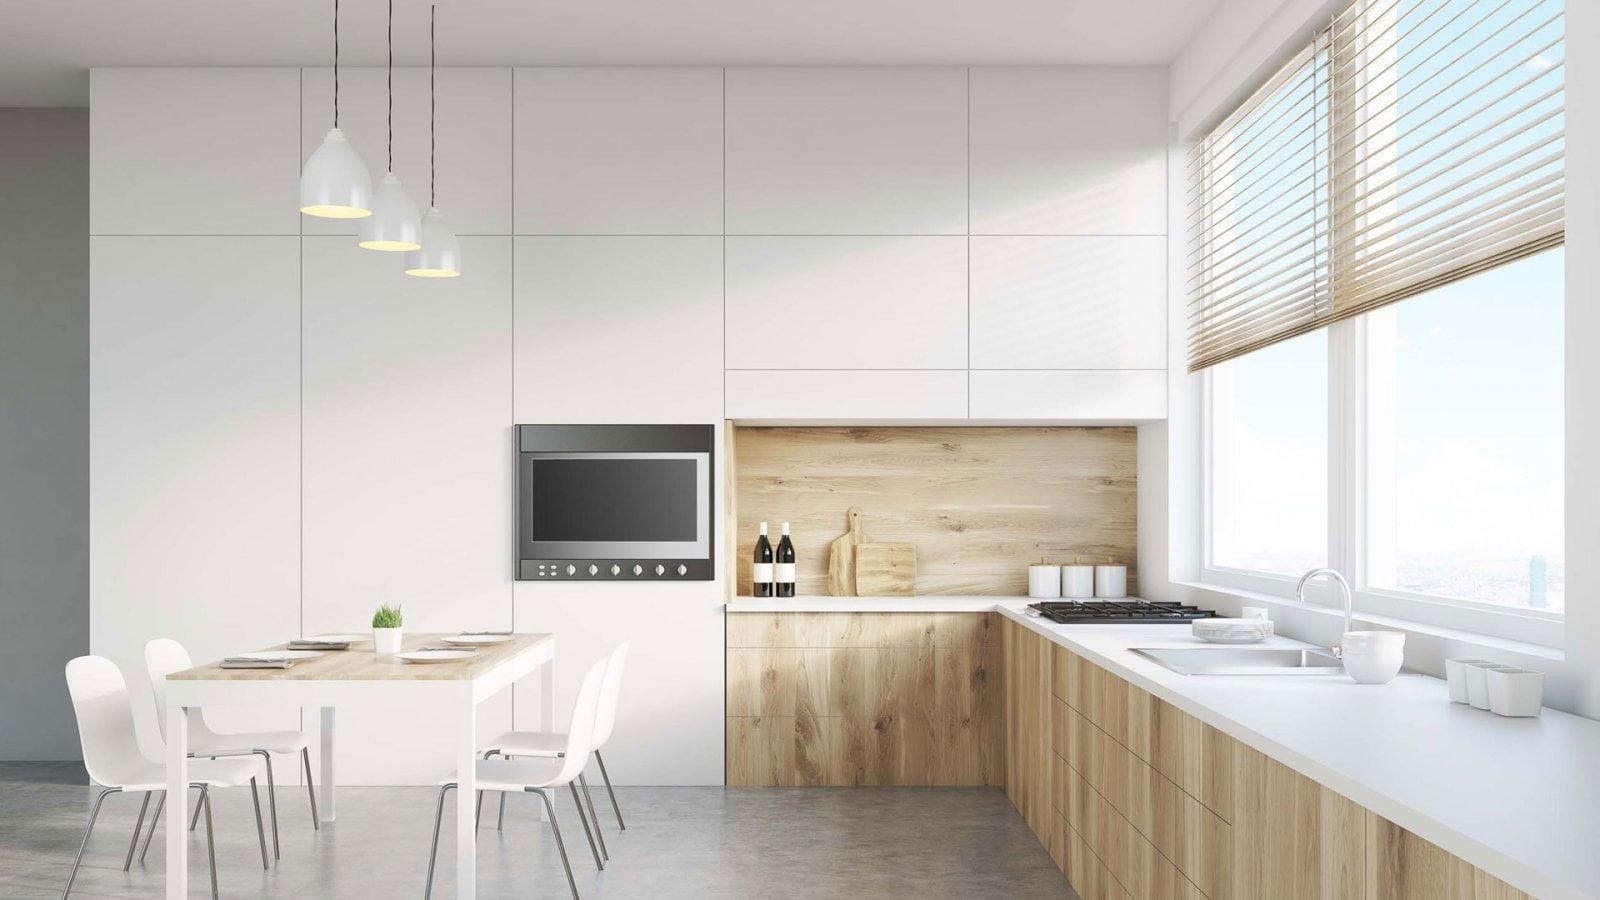 Fabricantes de muebles,cocinas,Baños,Sofás... - Ruubay - Directorio ...